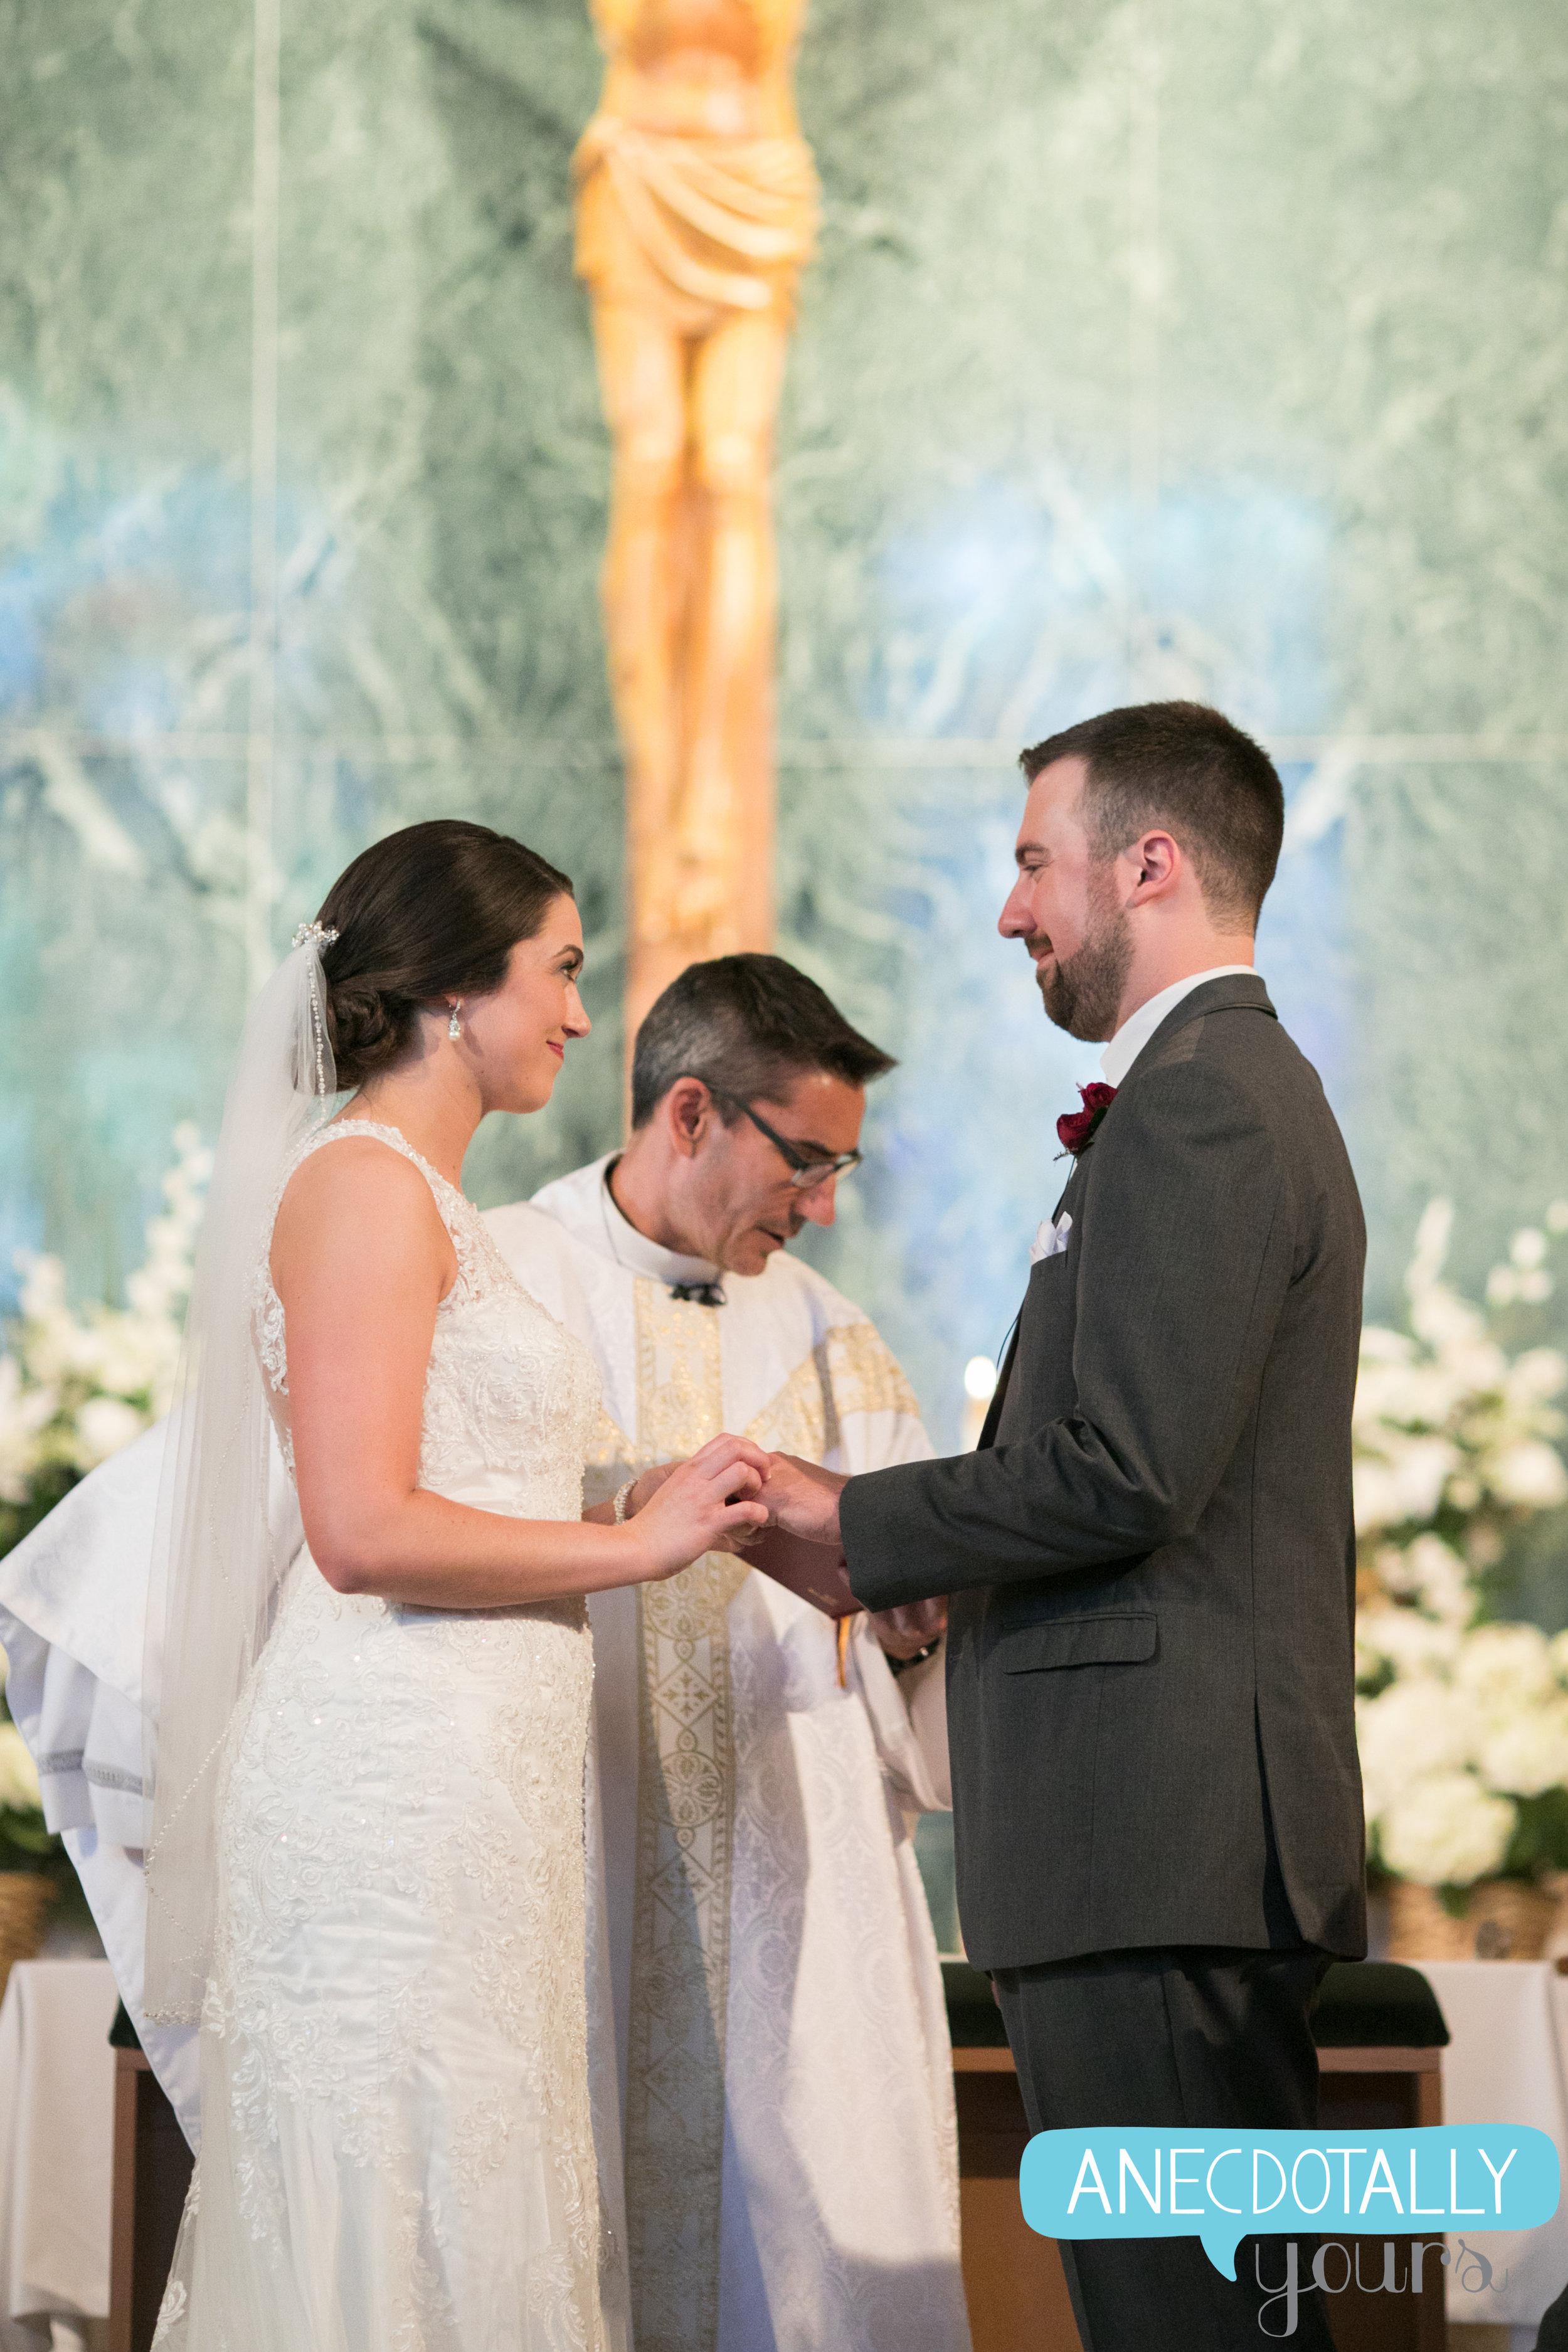 ashley-bryce-wedding-34.jpg